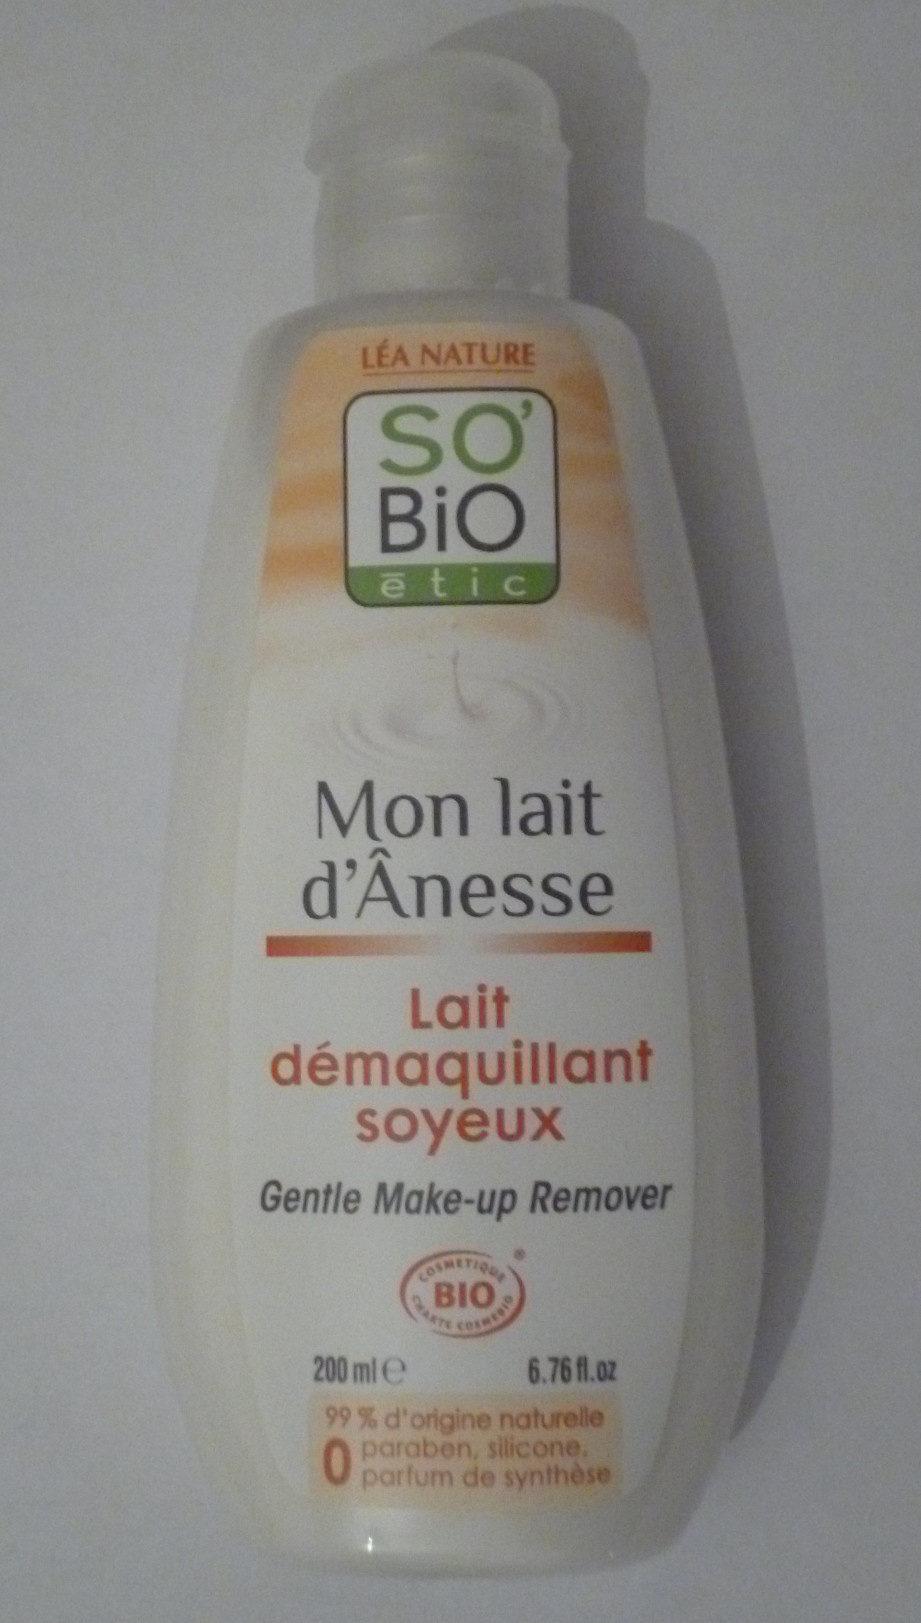 Lait démaquillant soyeux - Mon lait d'Ânesse - So'Bio étic - Produit